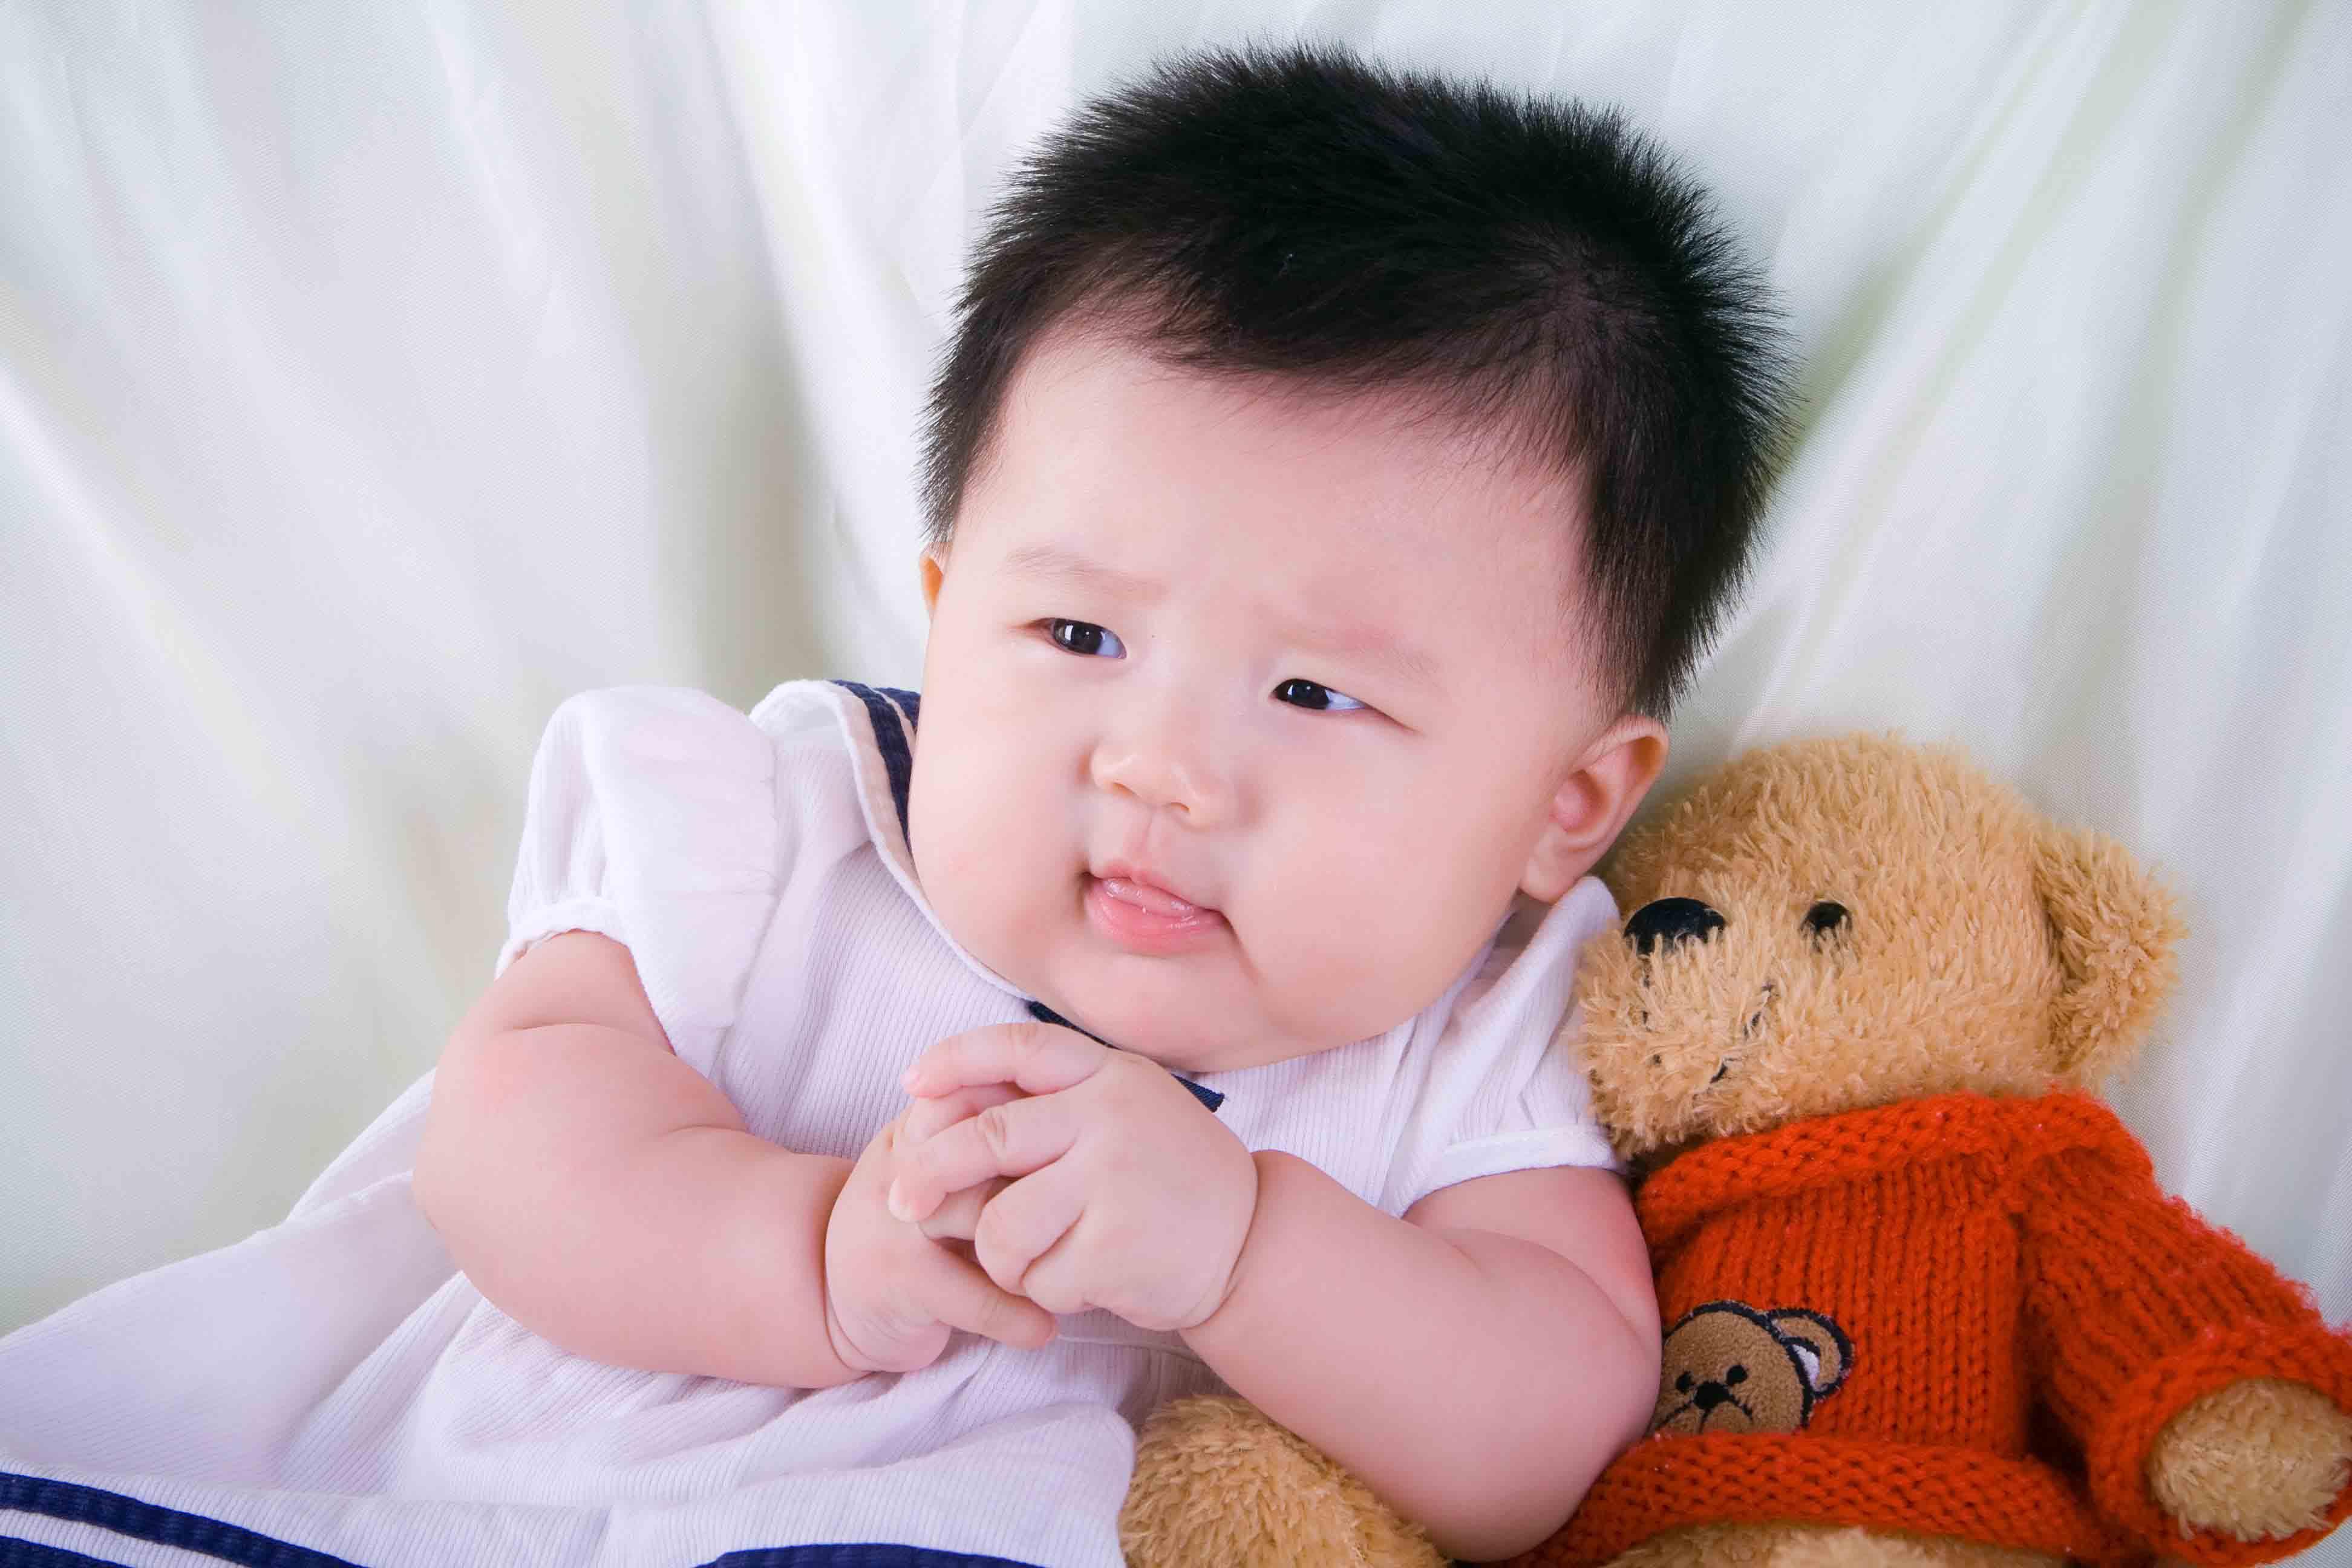 漂亮宝贝  > 朋友说宝宝相片可以上封面啦